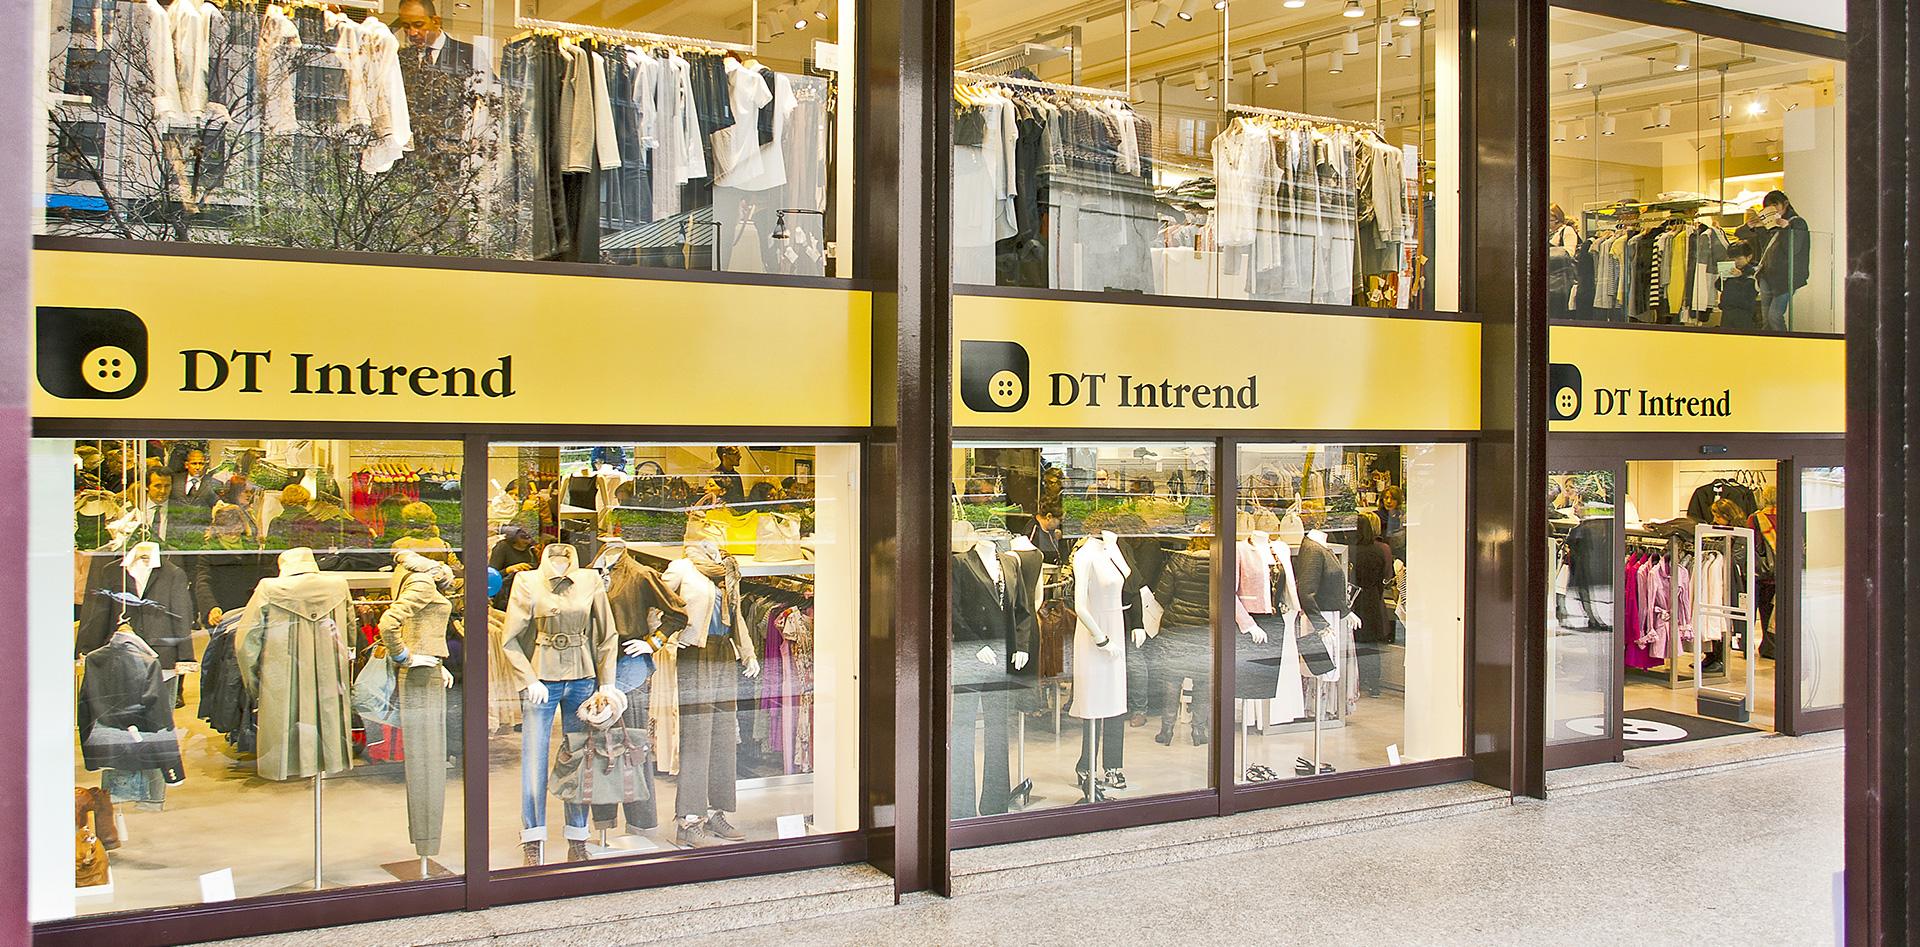 """Outlet """"DT Intrend"""" a Milano, Binini Partners, Società di architettura e ingegneria"""